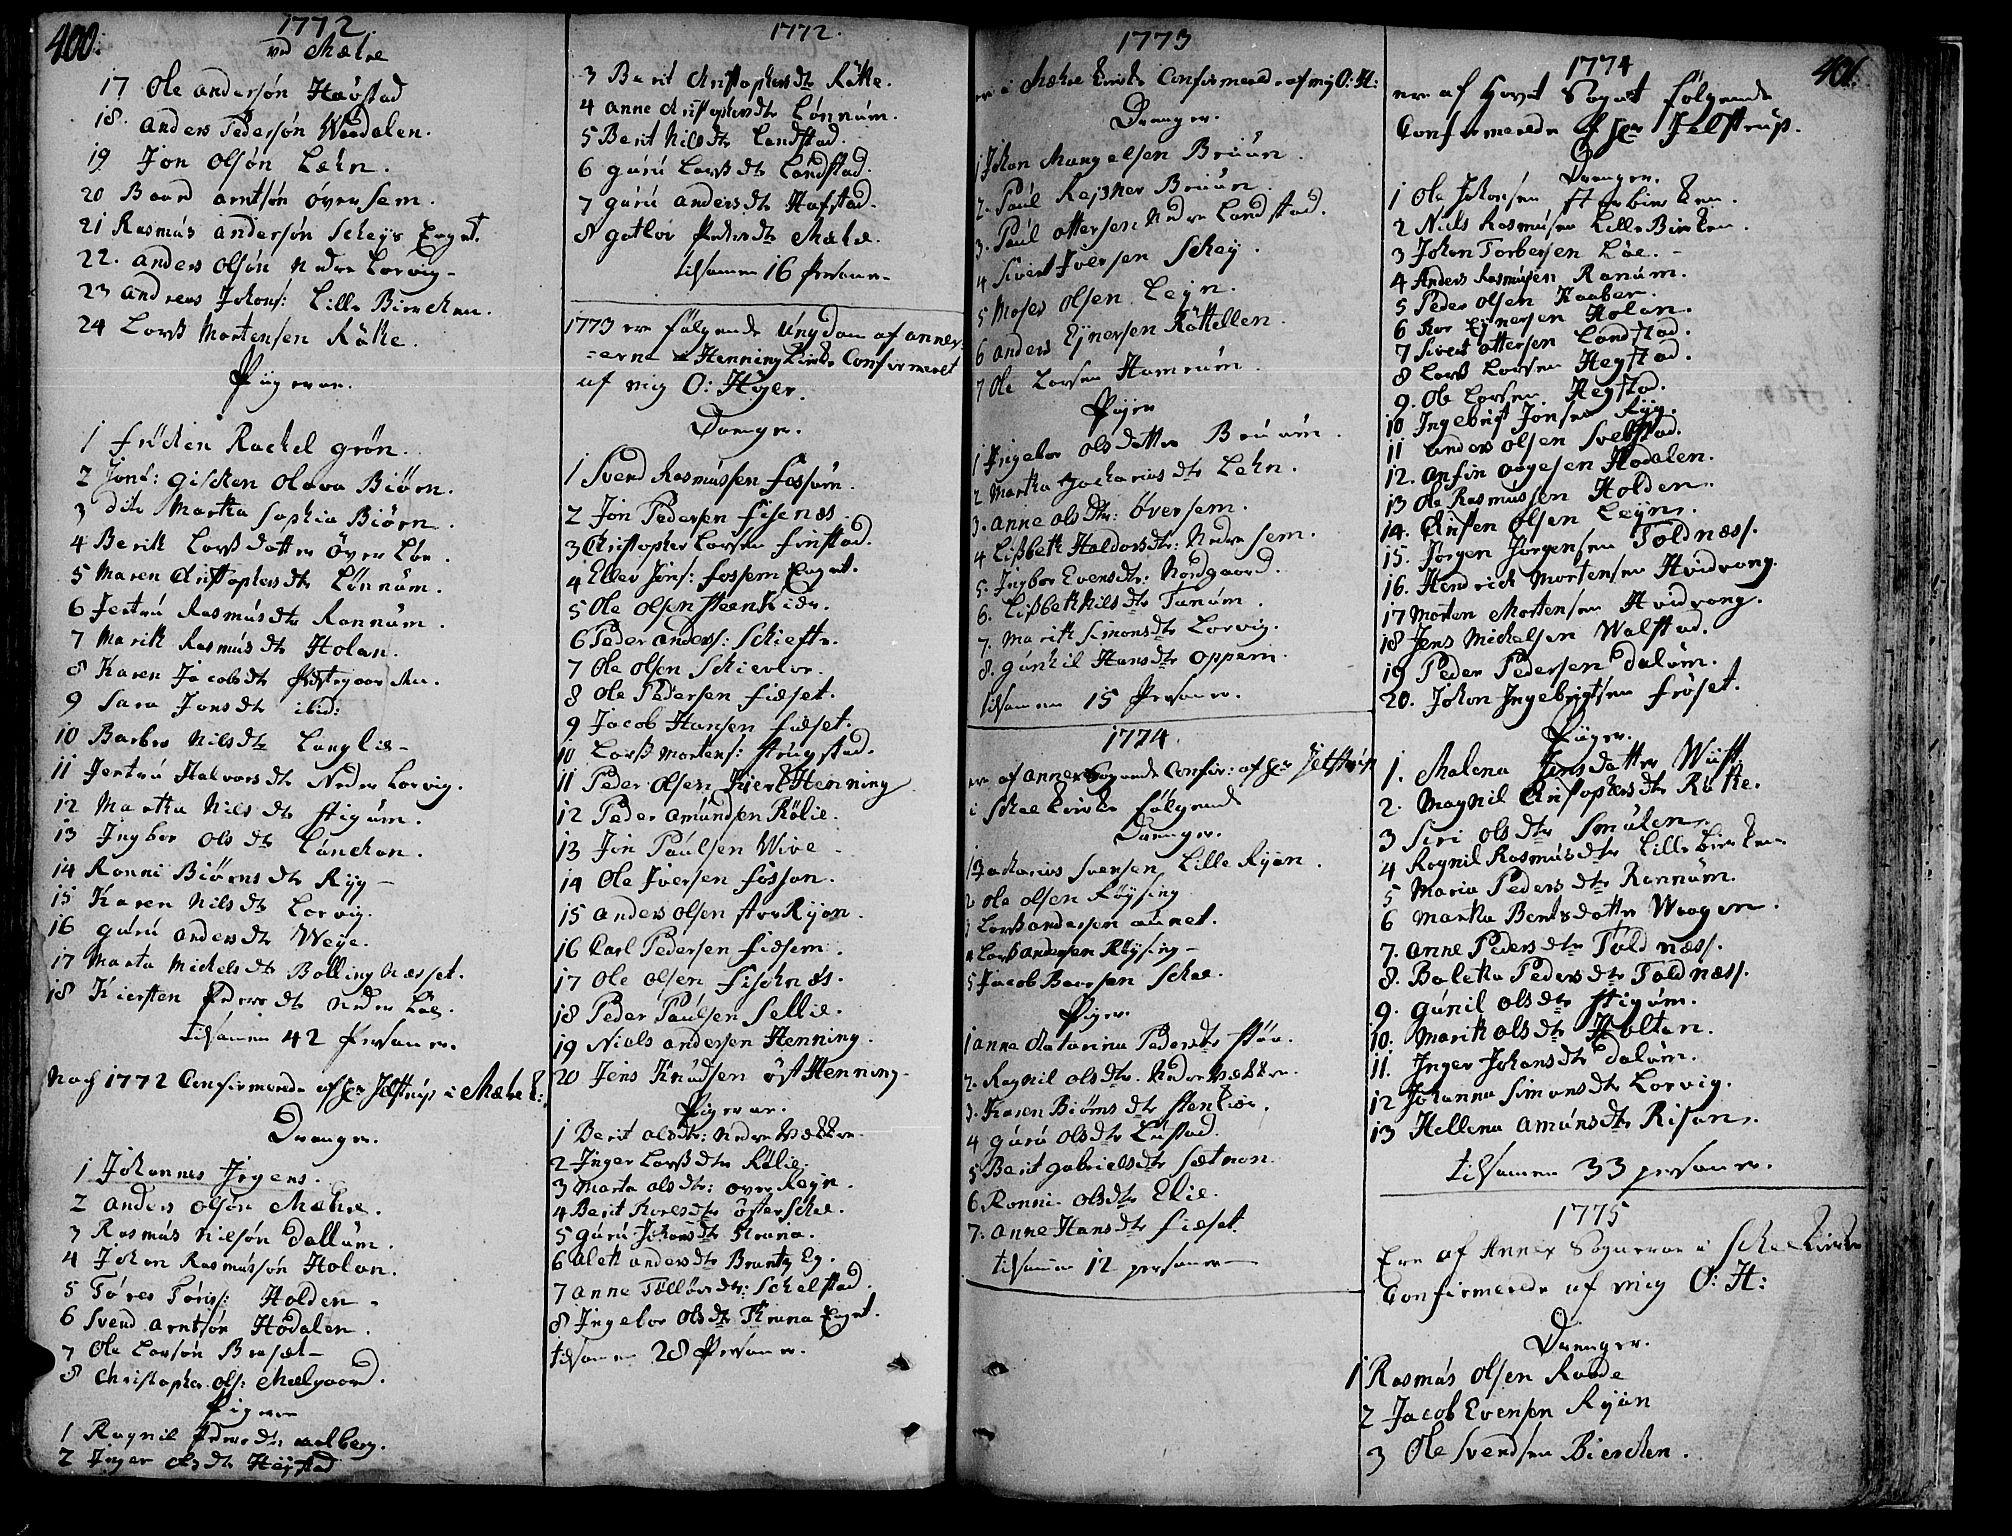 SAT, Ministerialprotokoller, klokkerbøker og fødselsregistre - Nord-Trøndelag, 735/L0331: Ministerialbok nr. 735A02, 1762-1794, s. 400-401